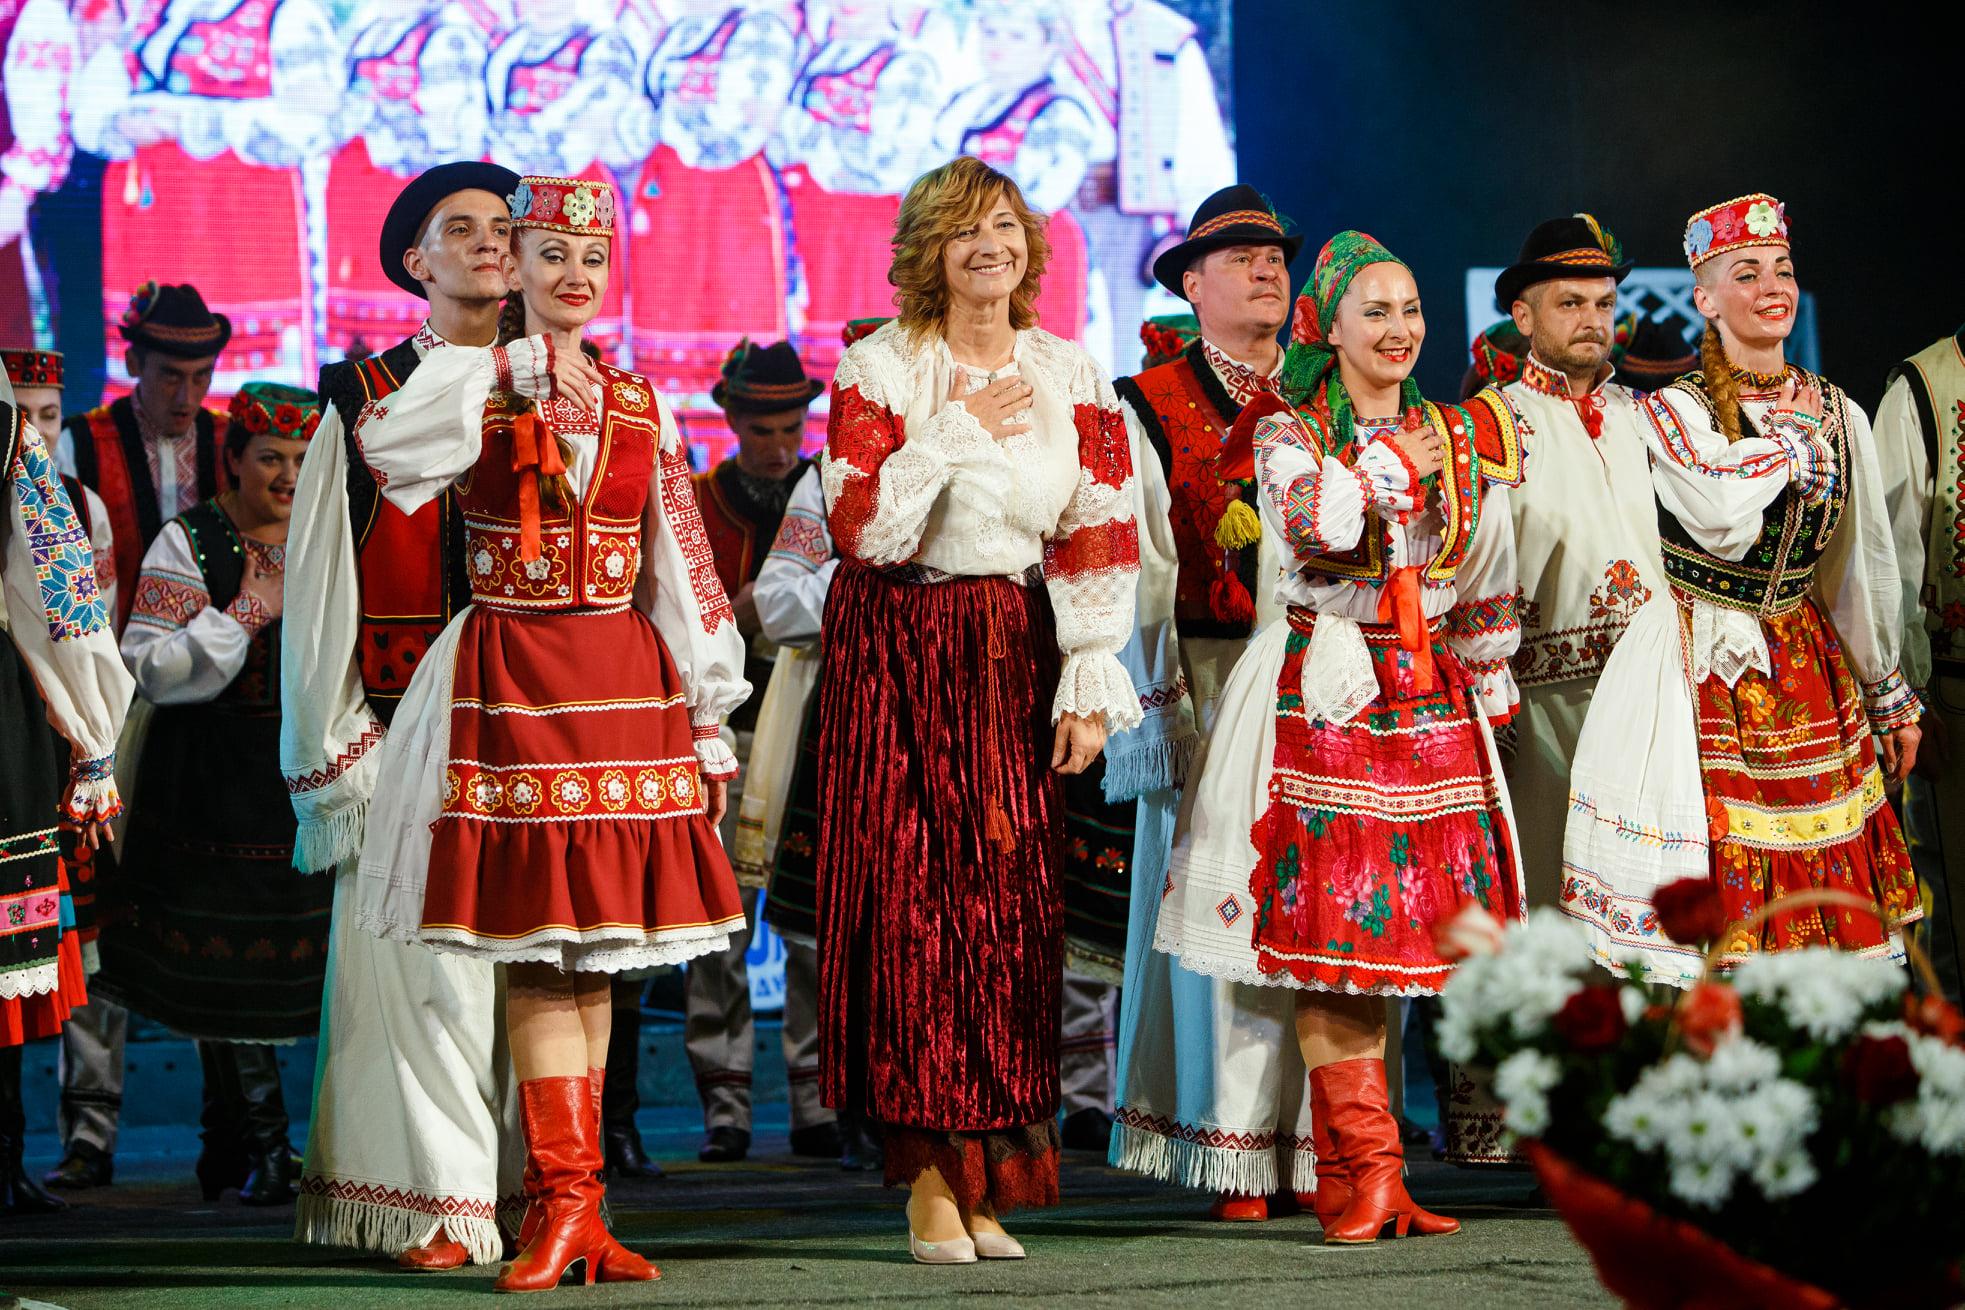 Концерт Закарпатського народного  хору, запланований на 28 лютого, перенесено.